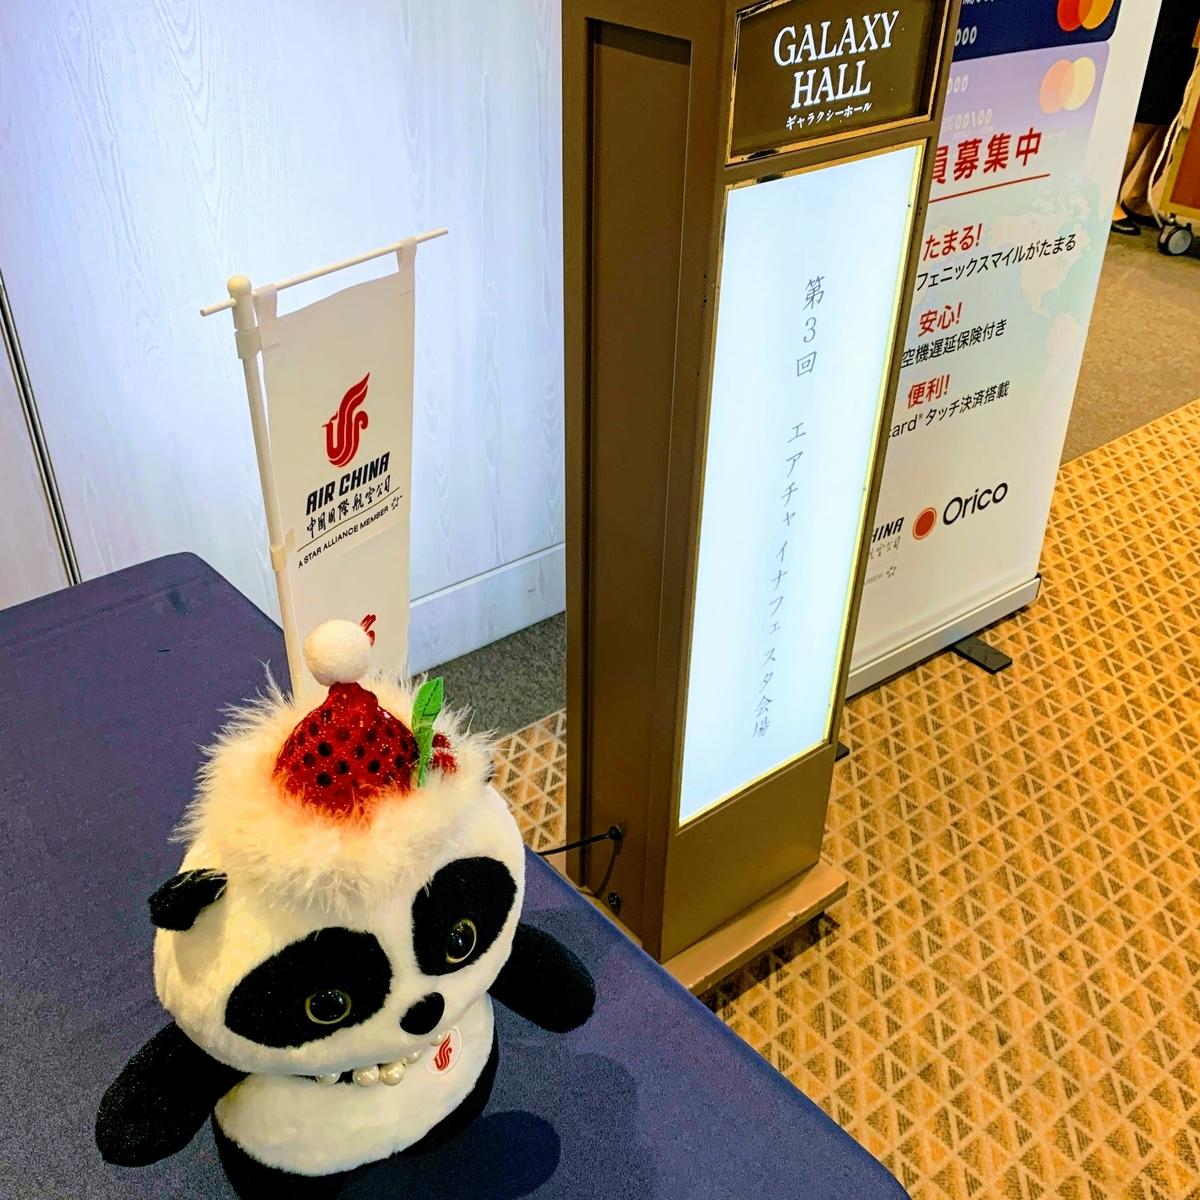 エアチャイナのマスコットキャラ、パンダの「Buddy Pan   エアチャイナフェスタ2019東京